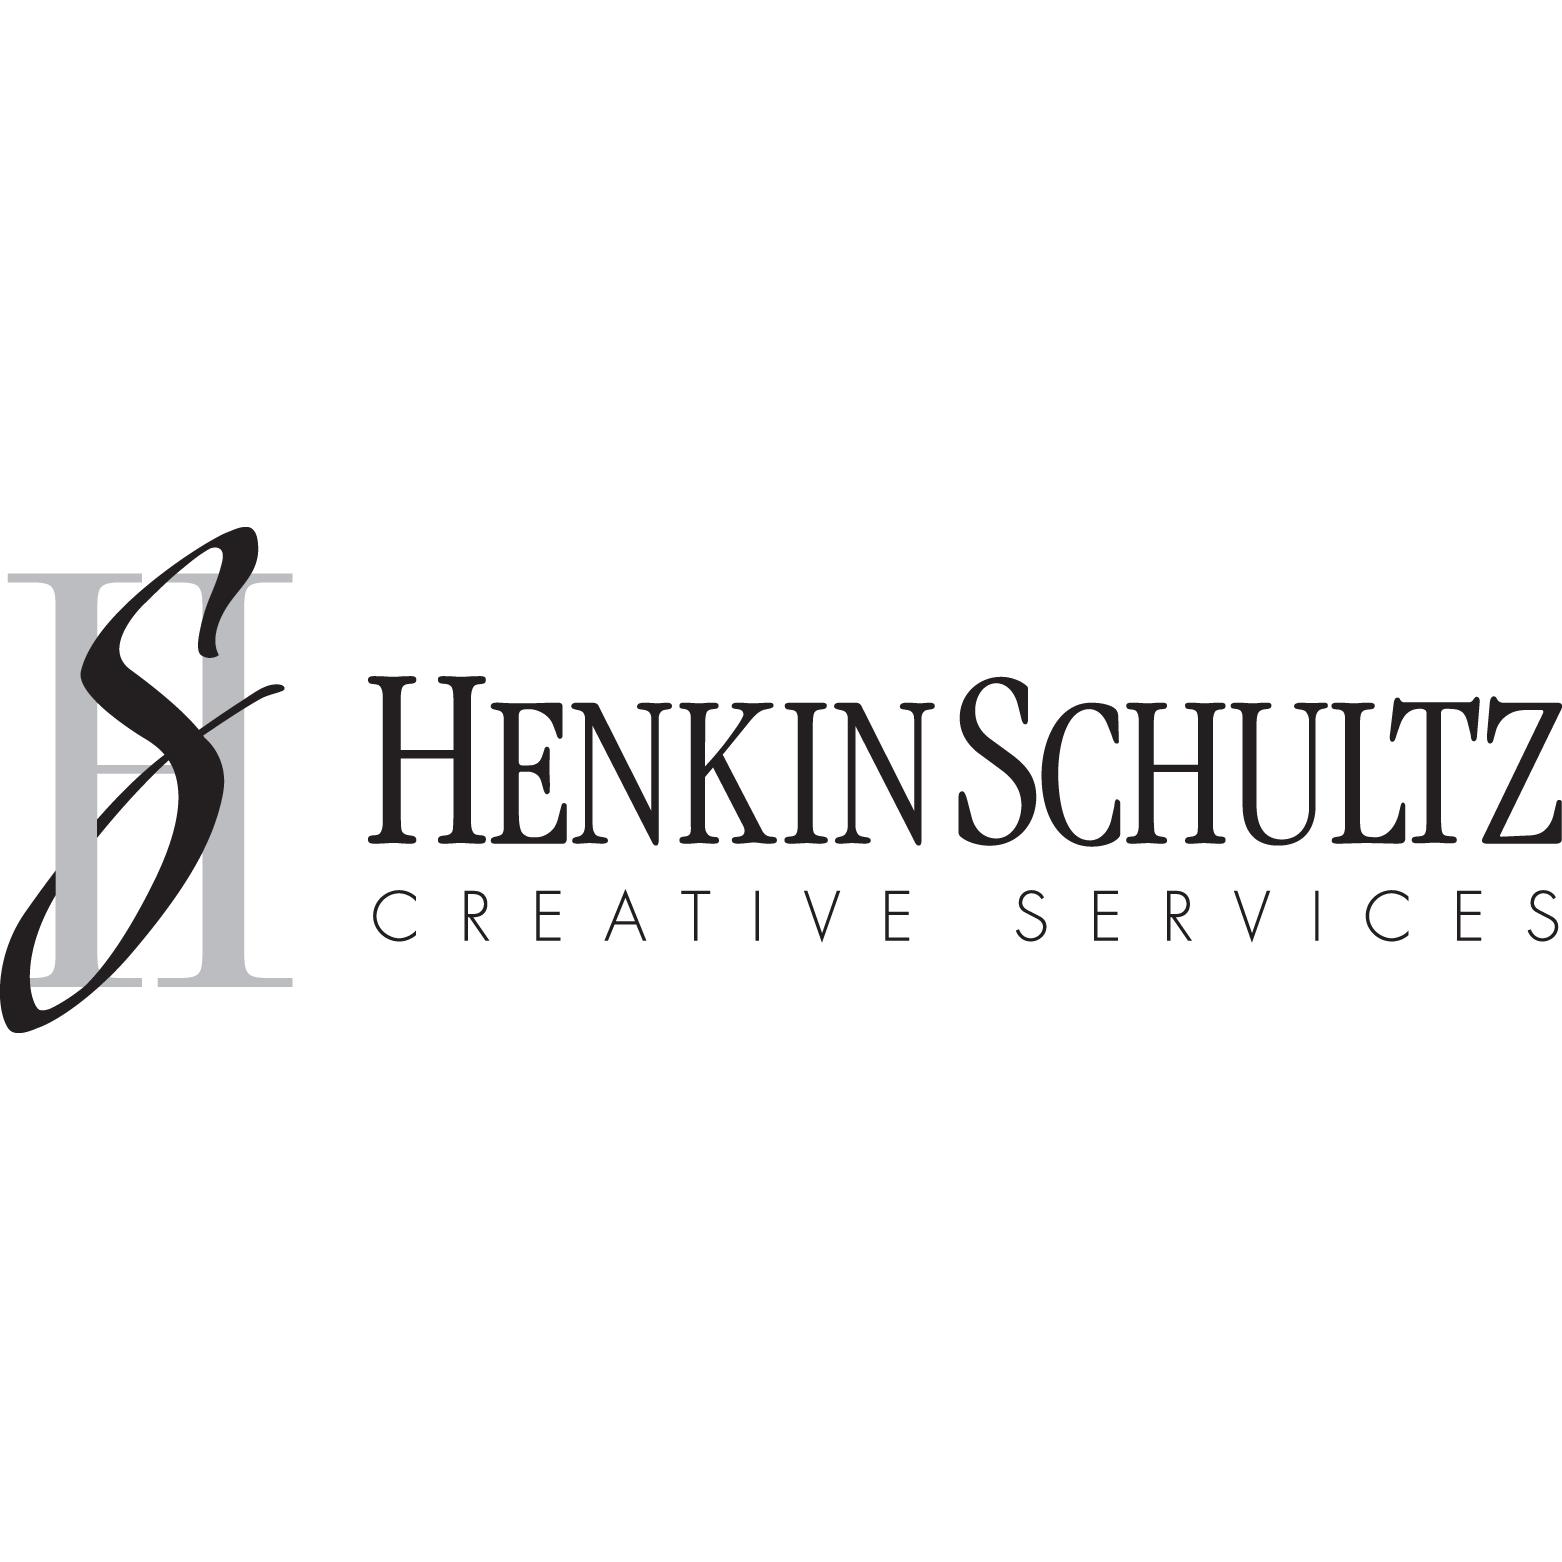 HenkinSchultz Creative Services